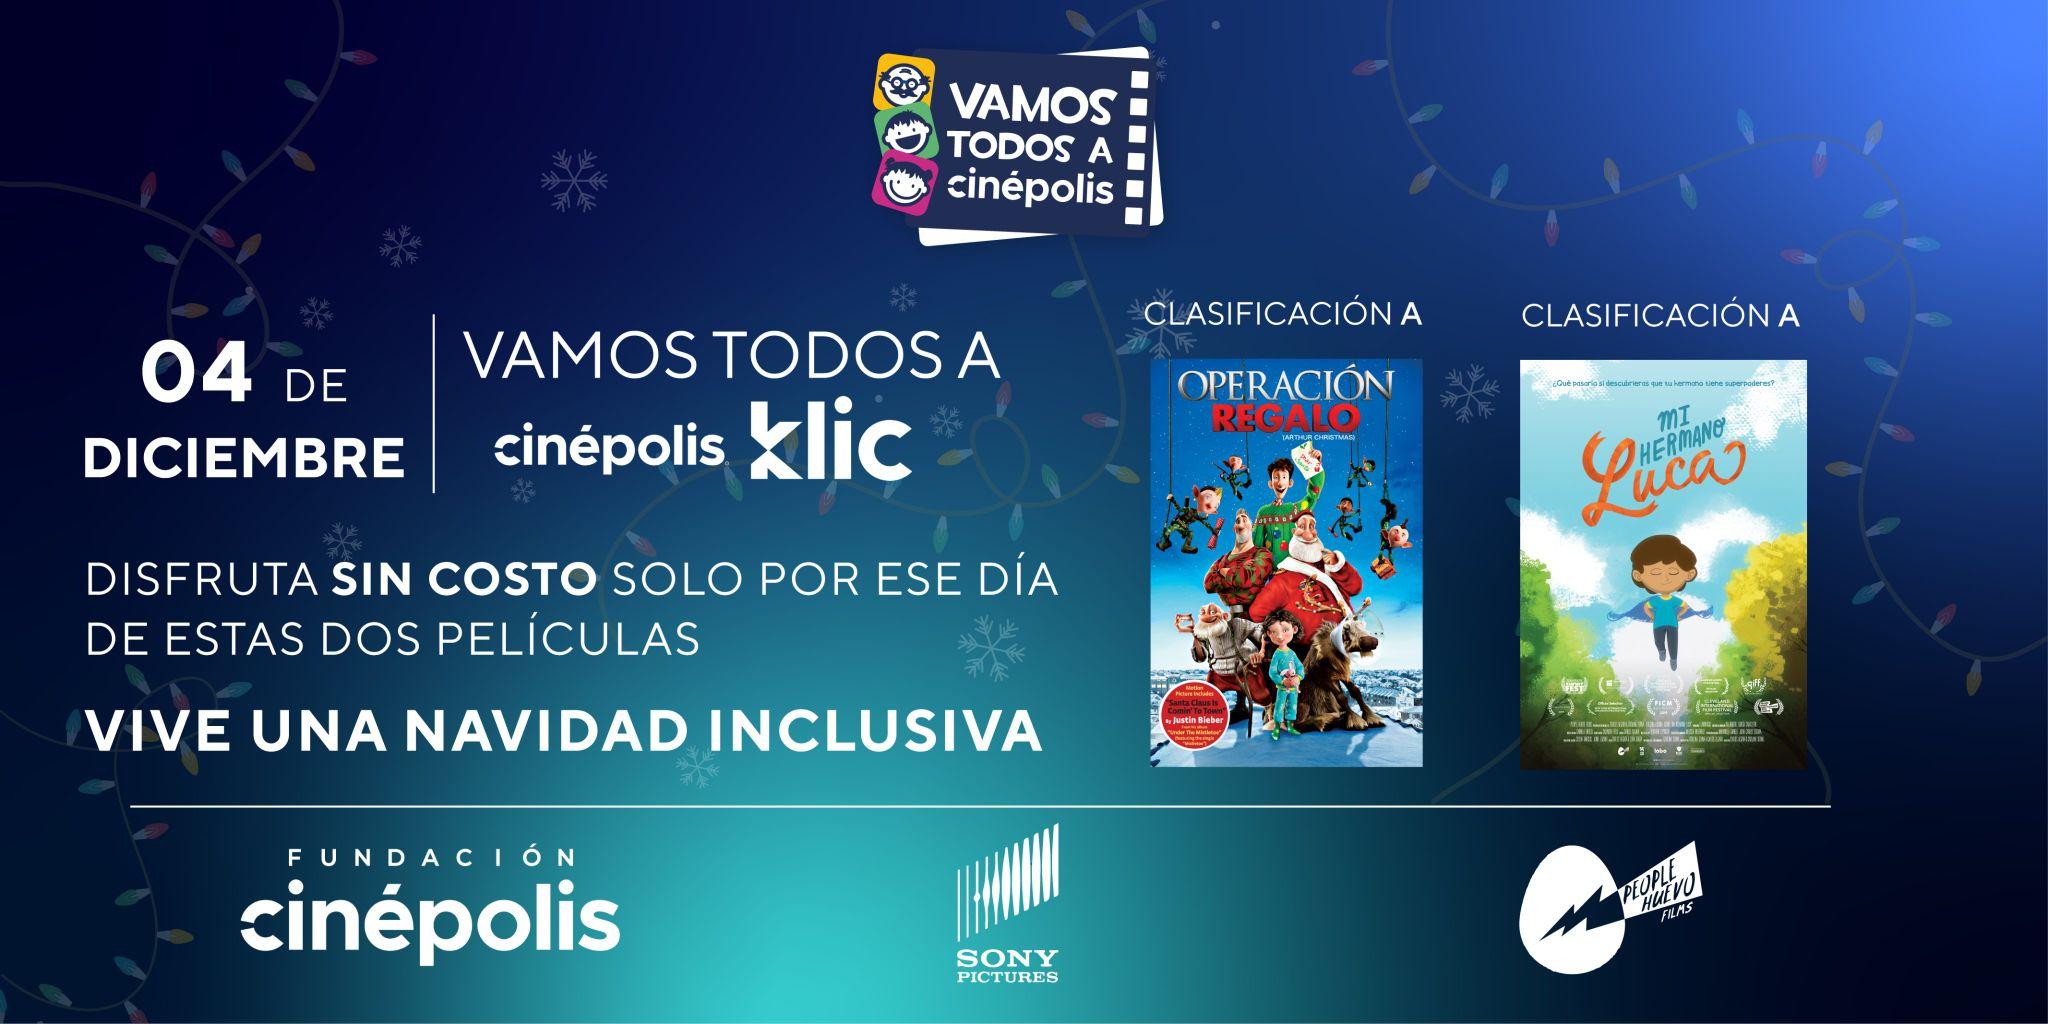 Cinépolis Klic: 2 Películas sin costo 4 de diciembre